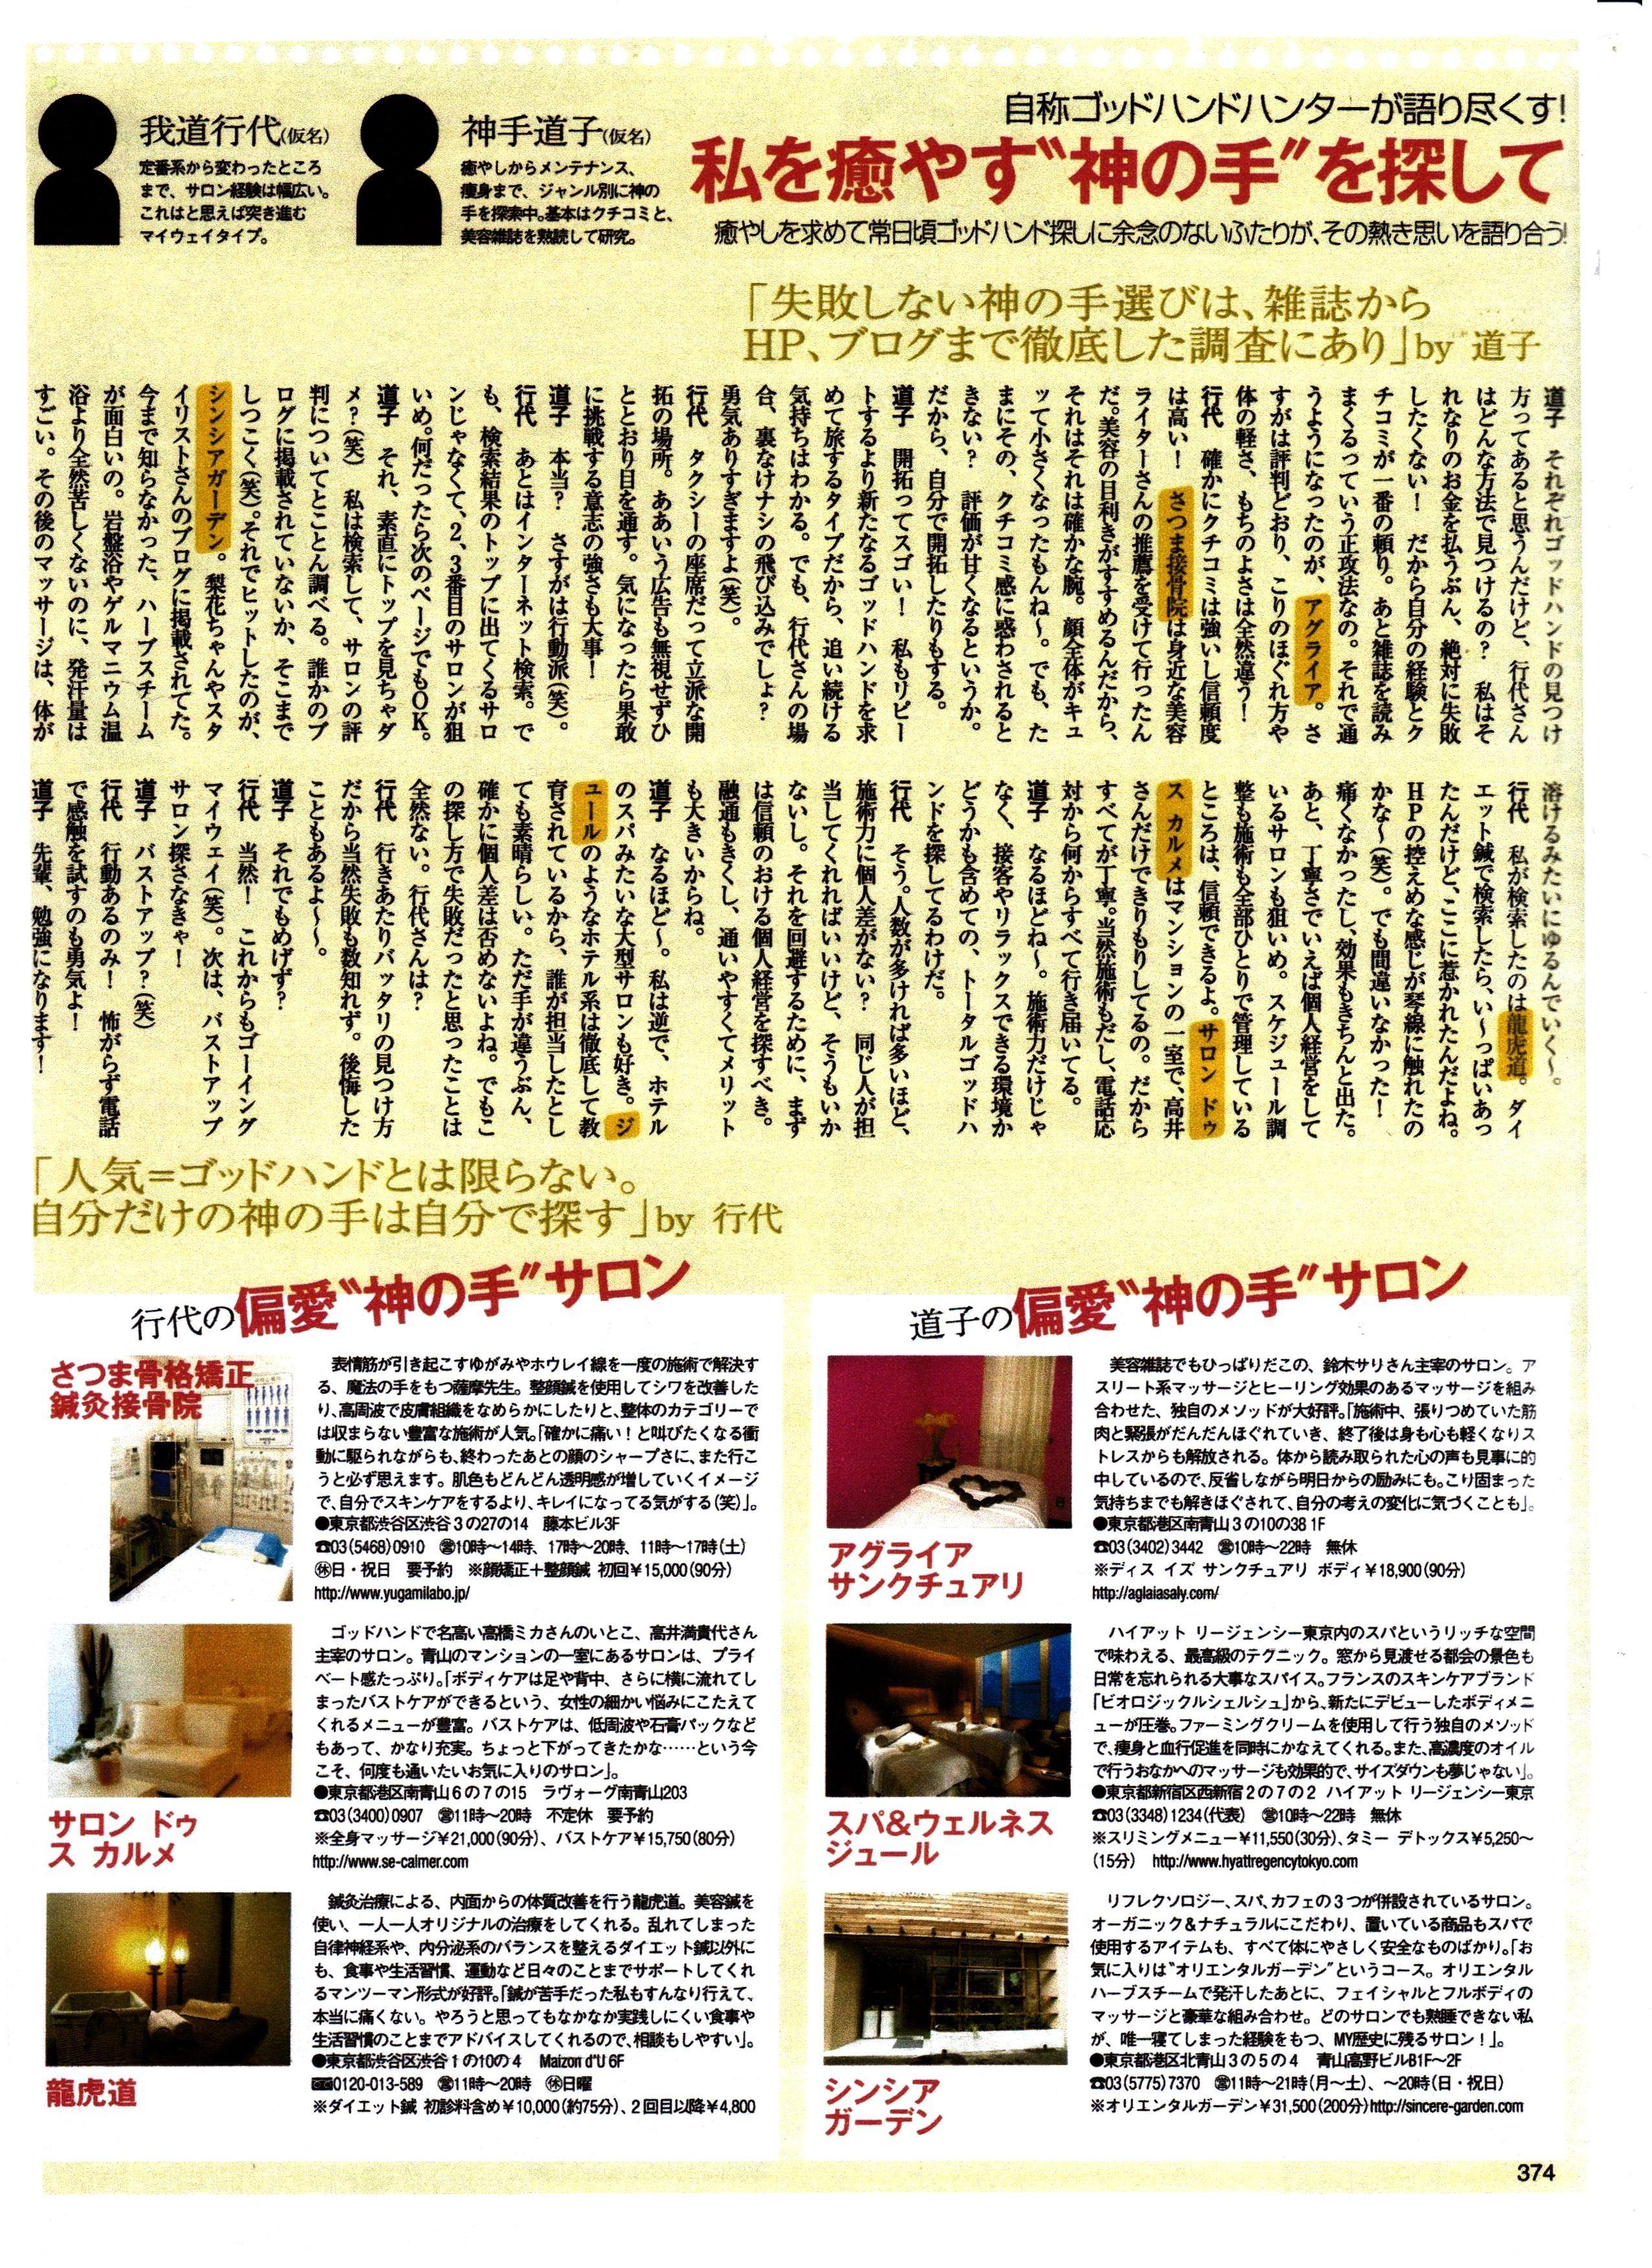 集英社『SPUR』2011年11月号で紹介されました。